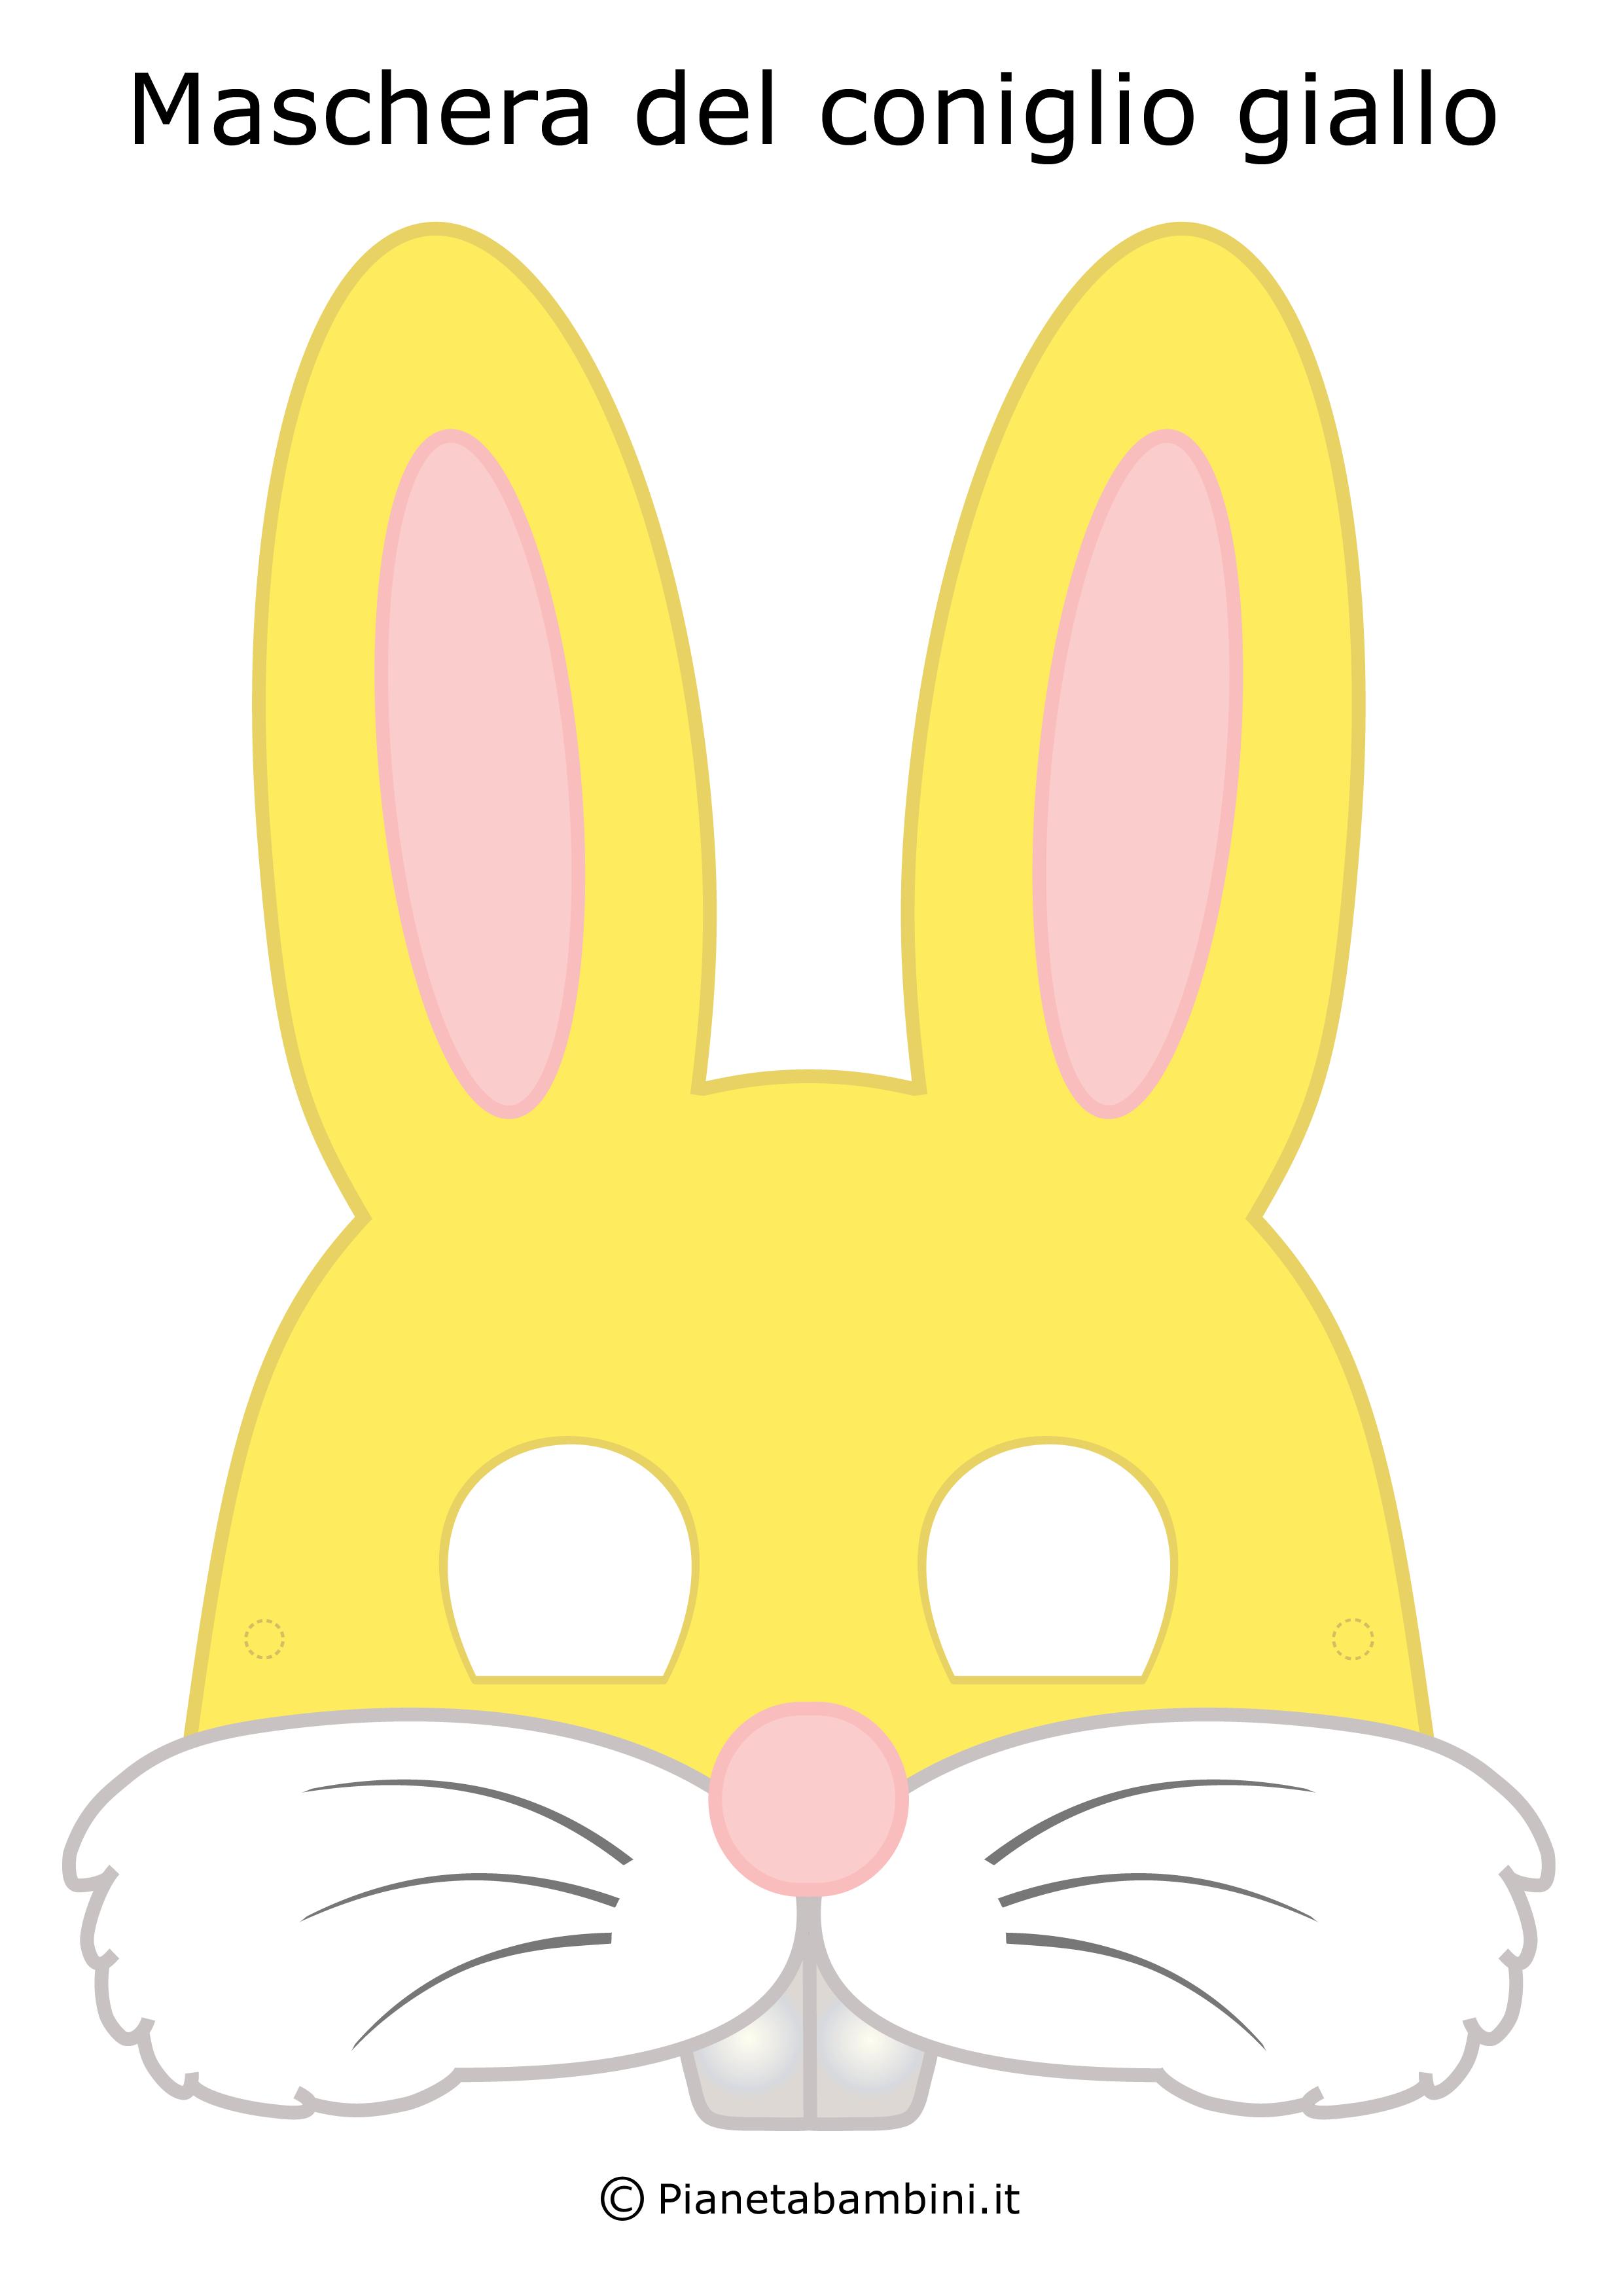 Immagine della maschera del coniglio giallo